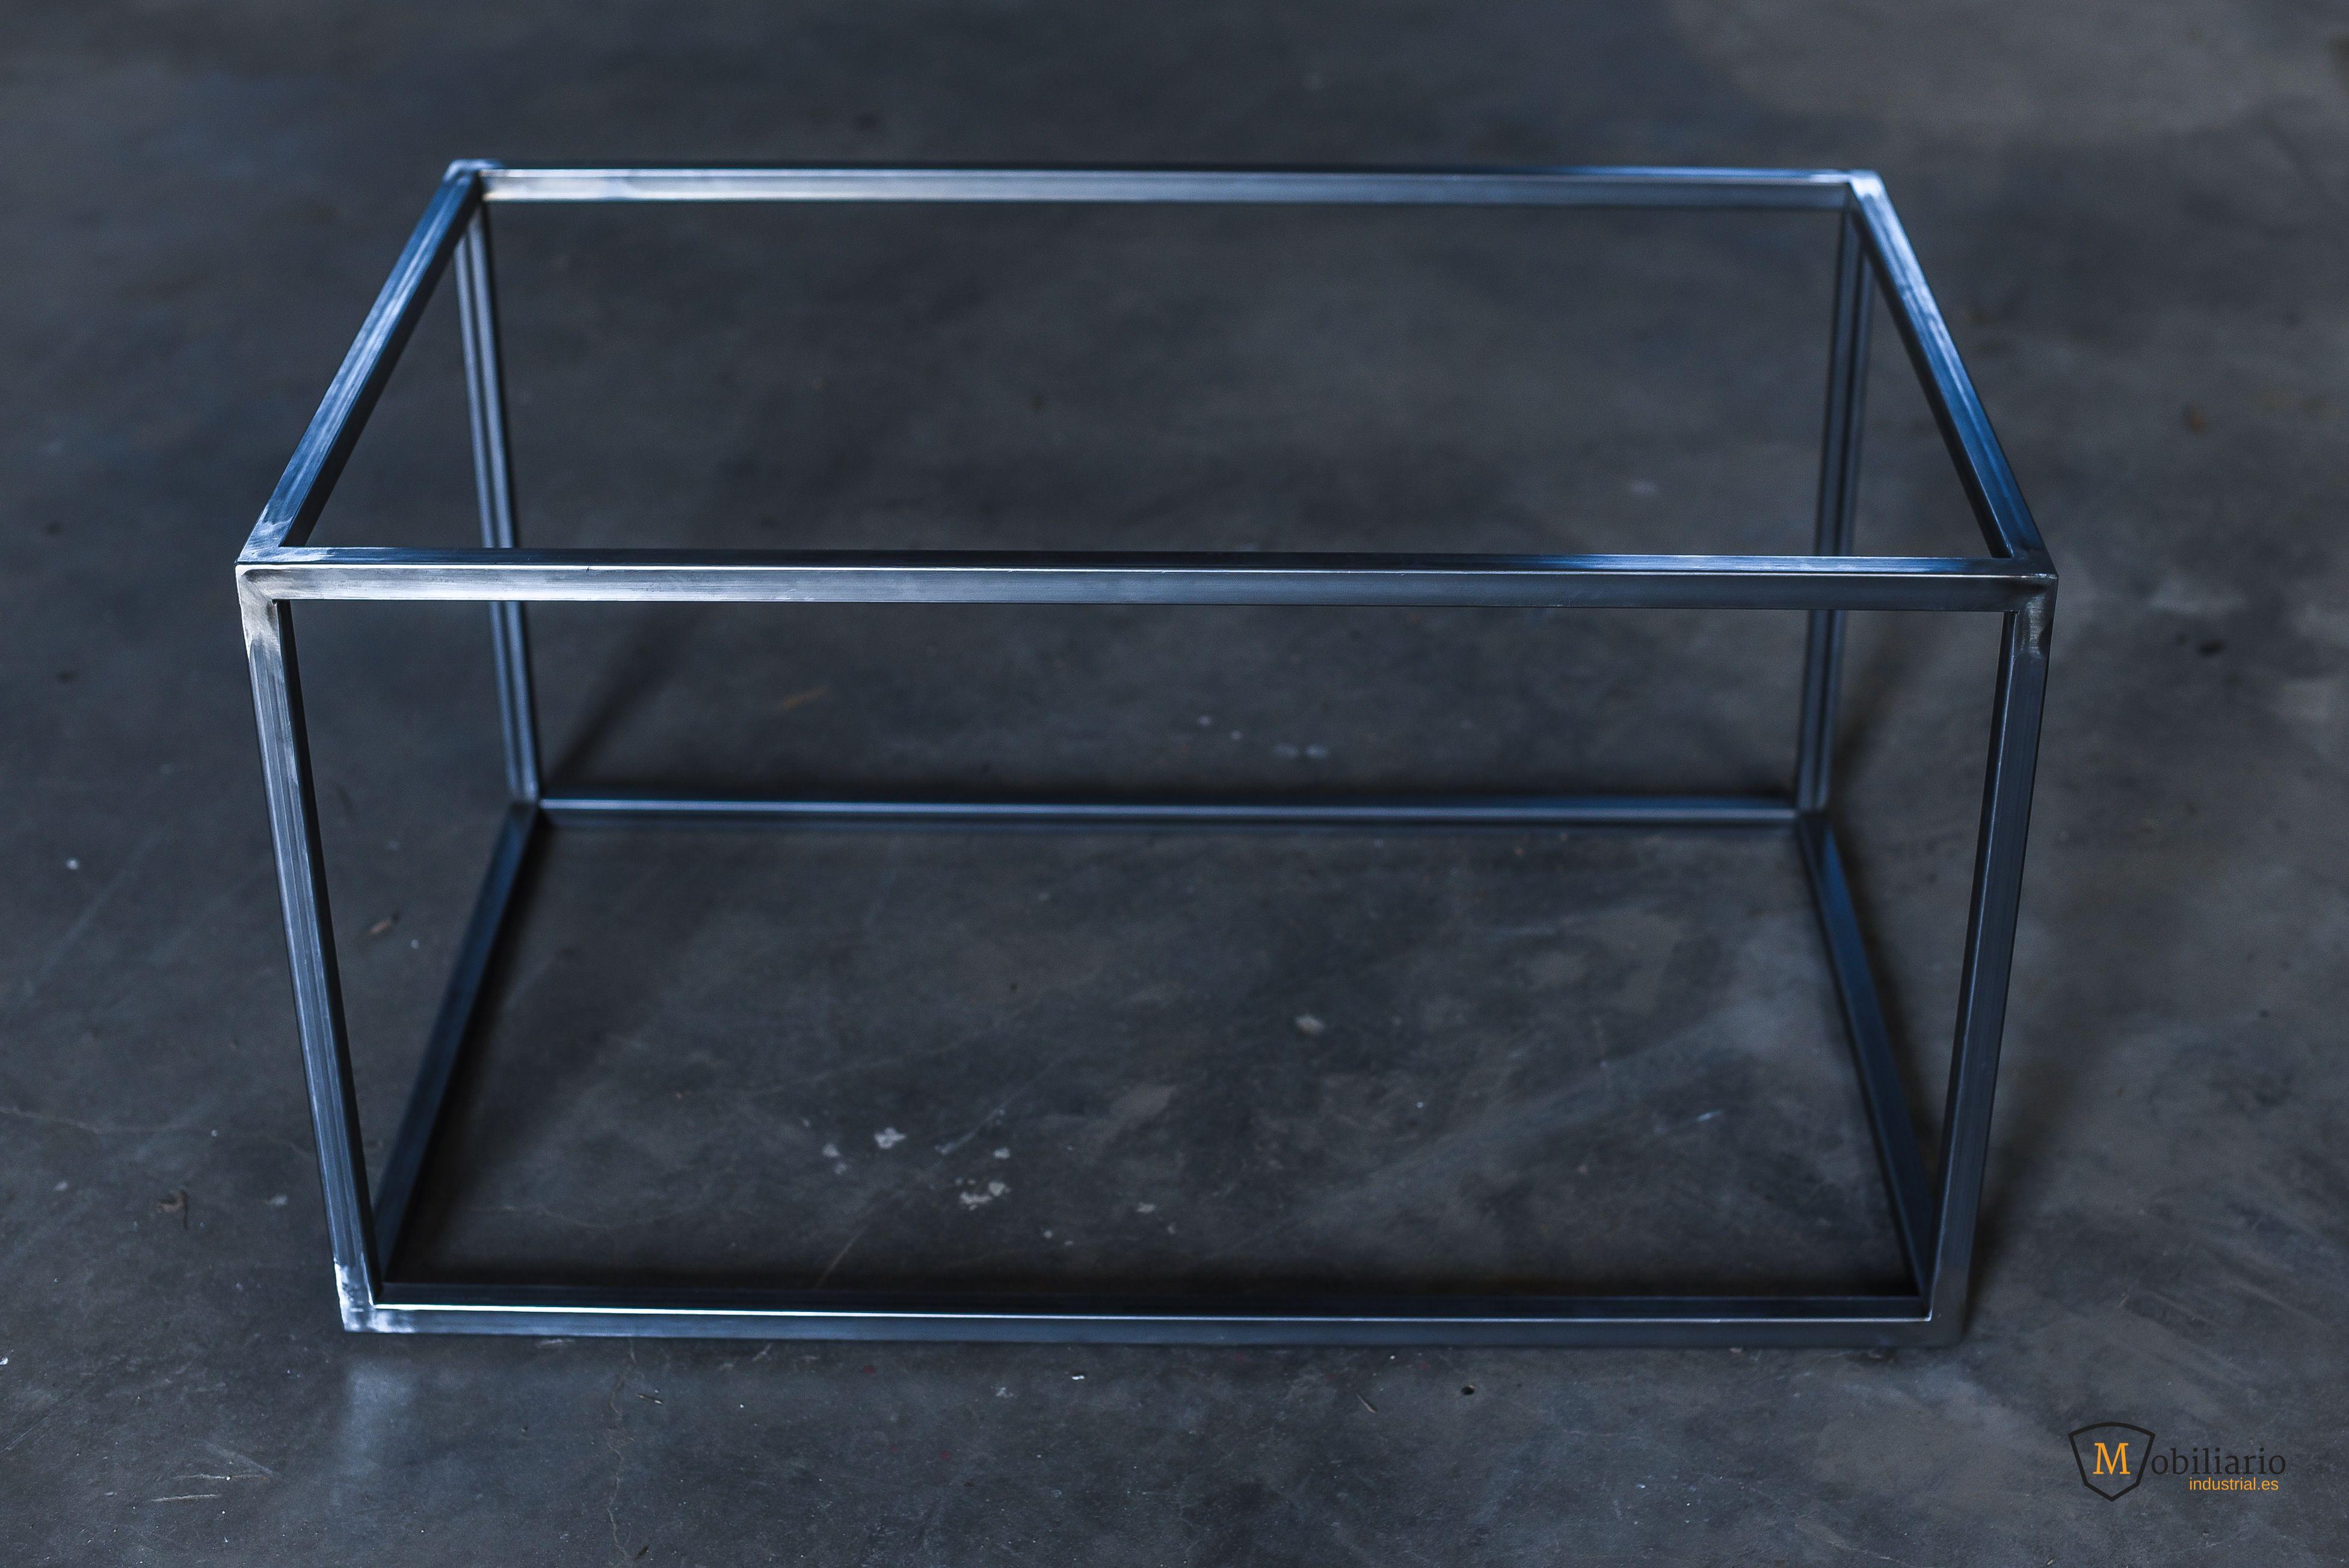 Estructura Metálica Para Mesa Baja Patas Para Muebles